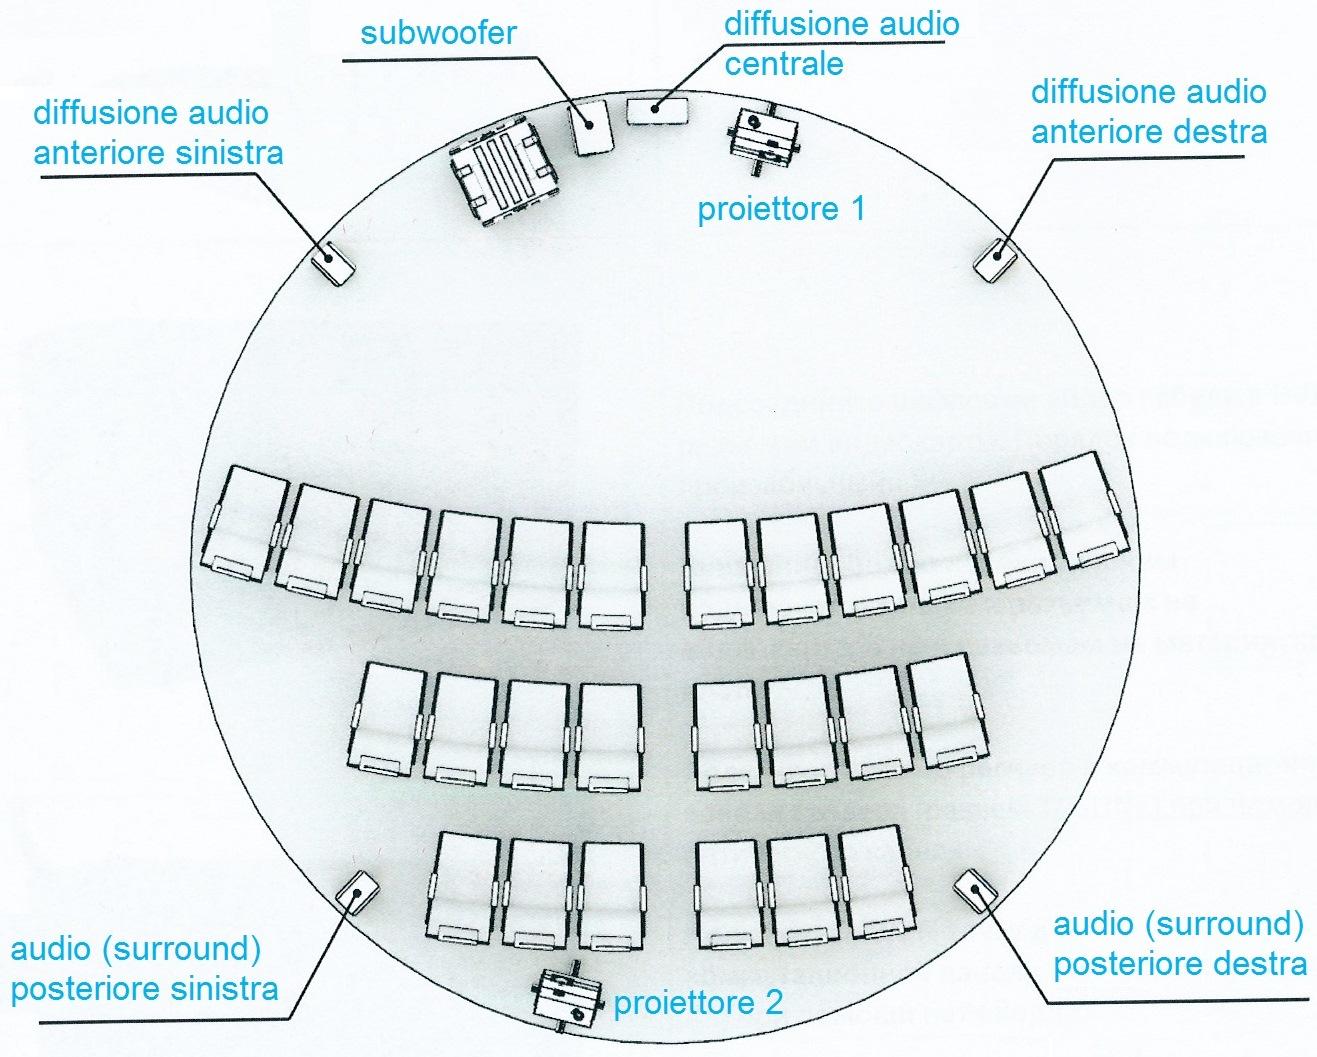 LA PROIEZIONE, realizzata con 2 proiettori ViewSonic che operano con un flusso luminoso di 7000 lumen, è supportata da un sistema surround di tipo 5.1 con 5 diffusori e 1 subwoofer.